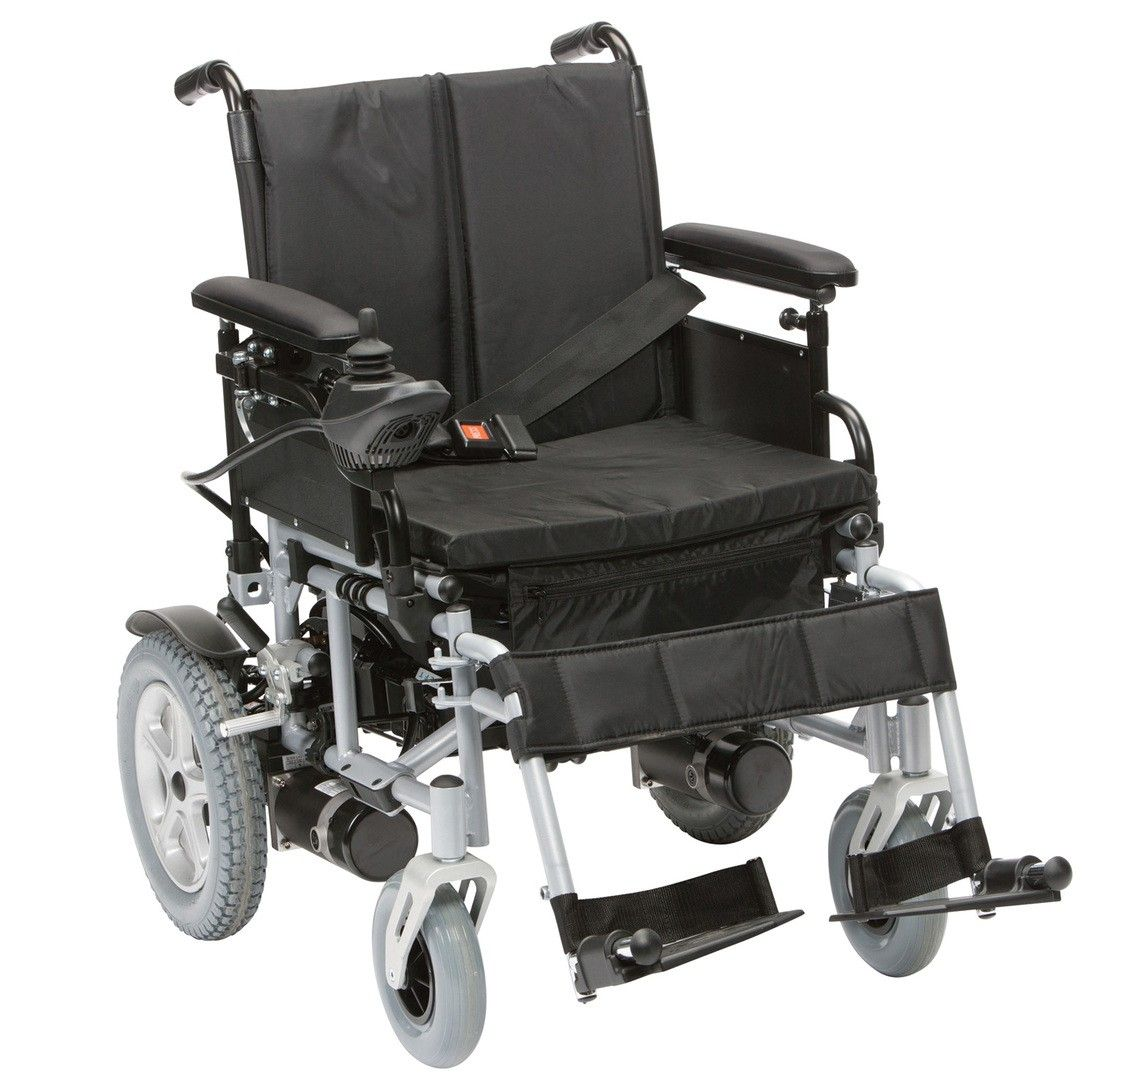 Cirrus Powerchair Electric Wheelchair